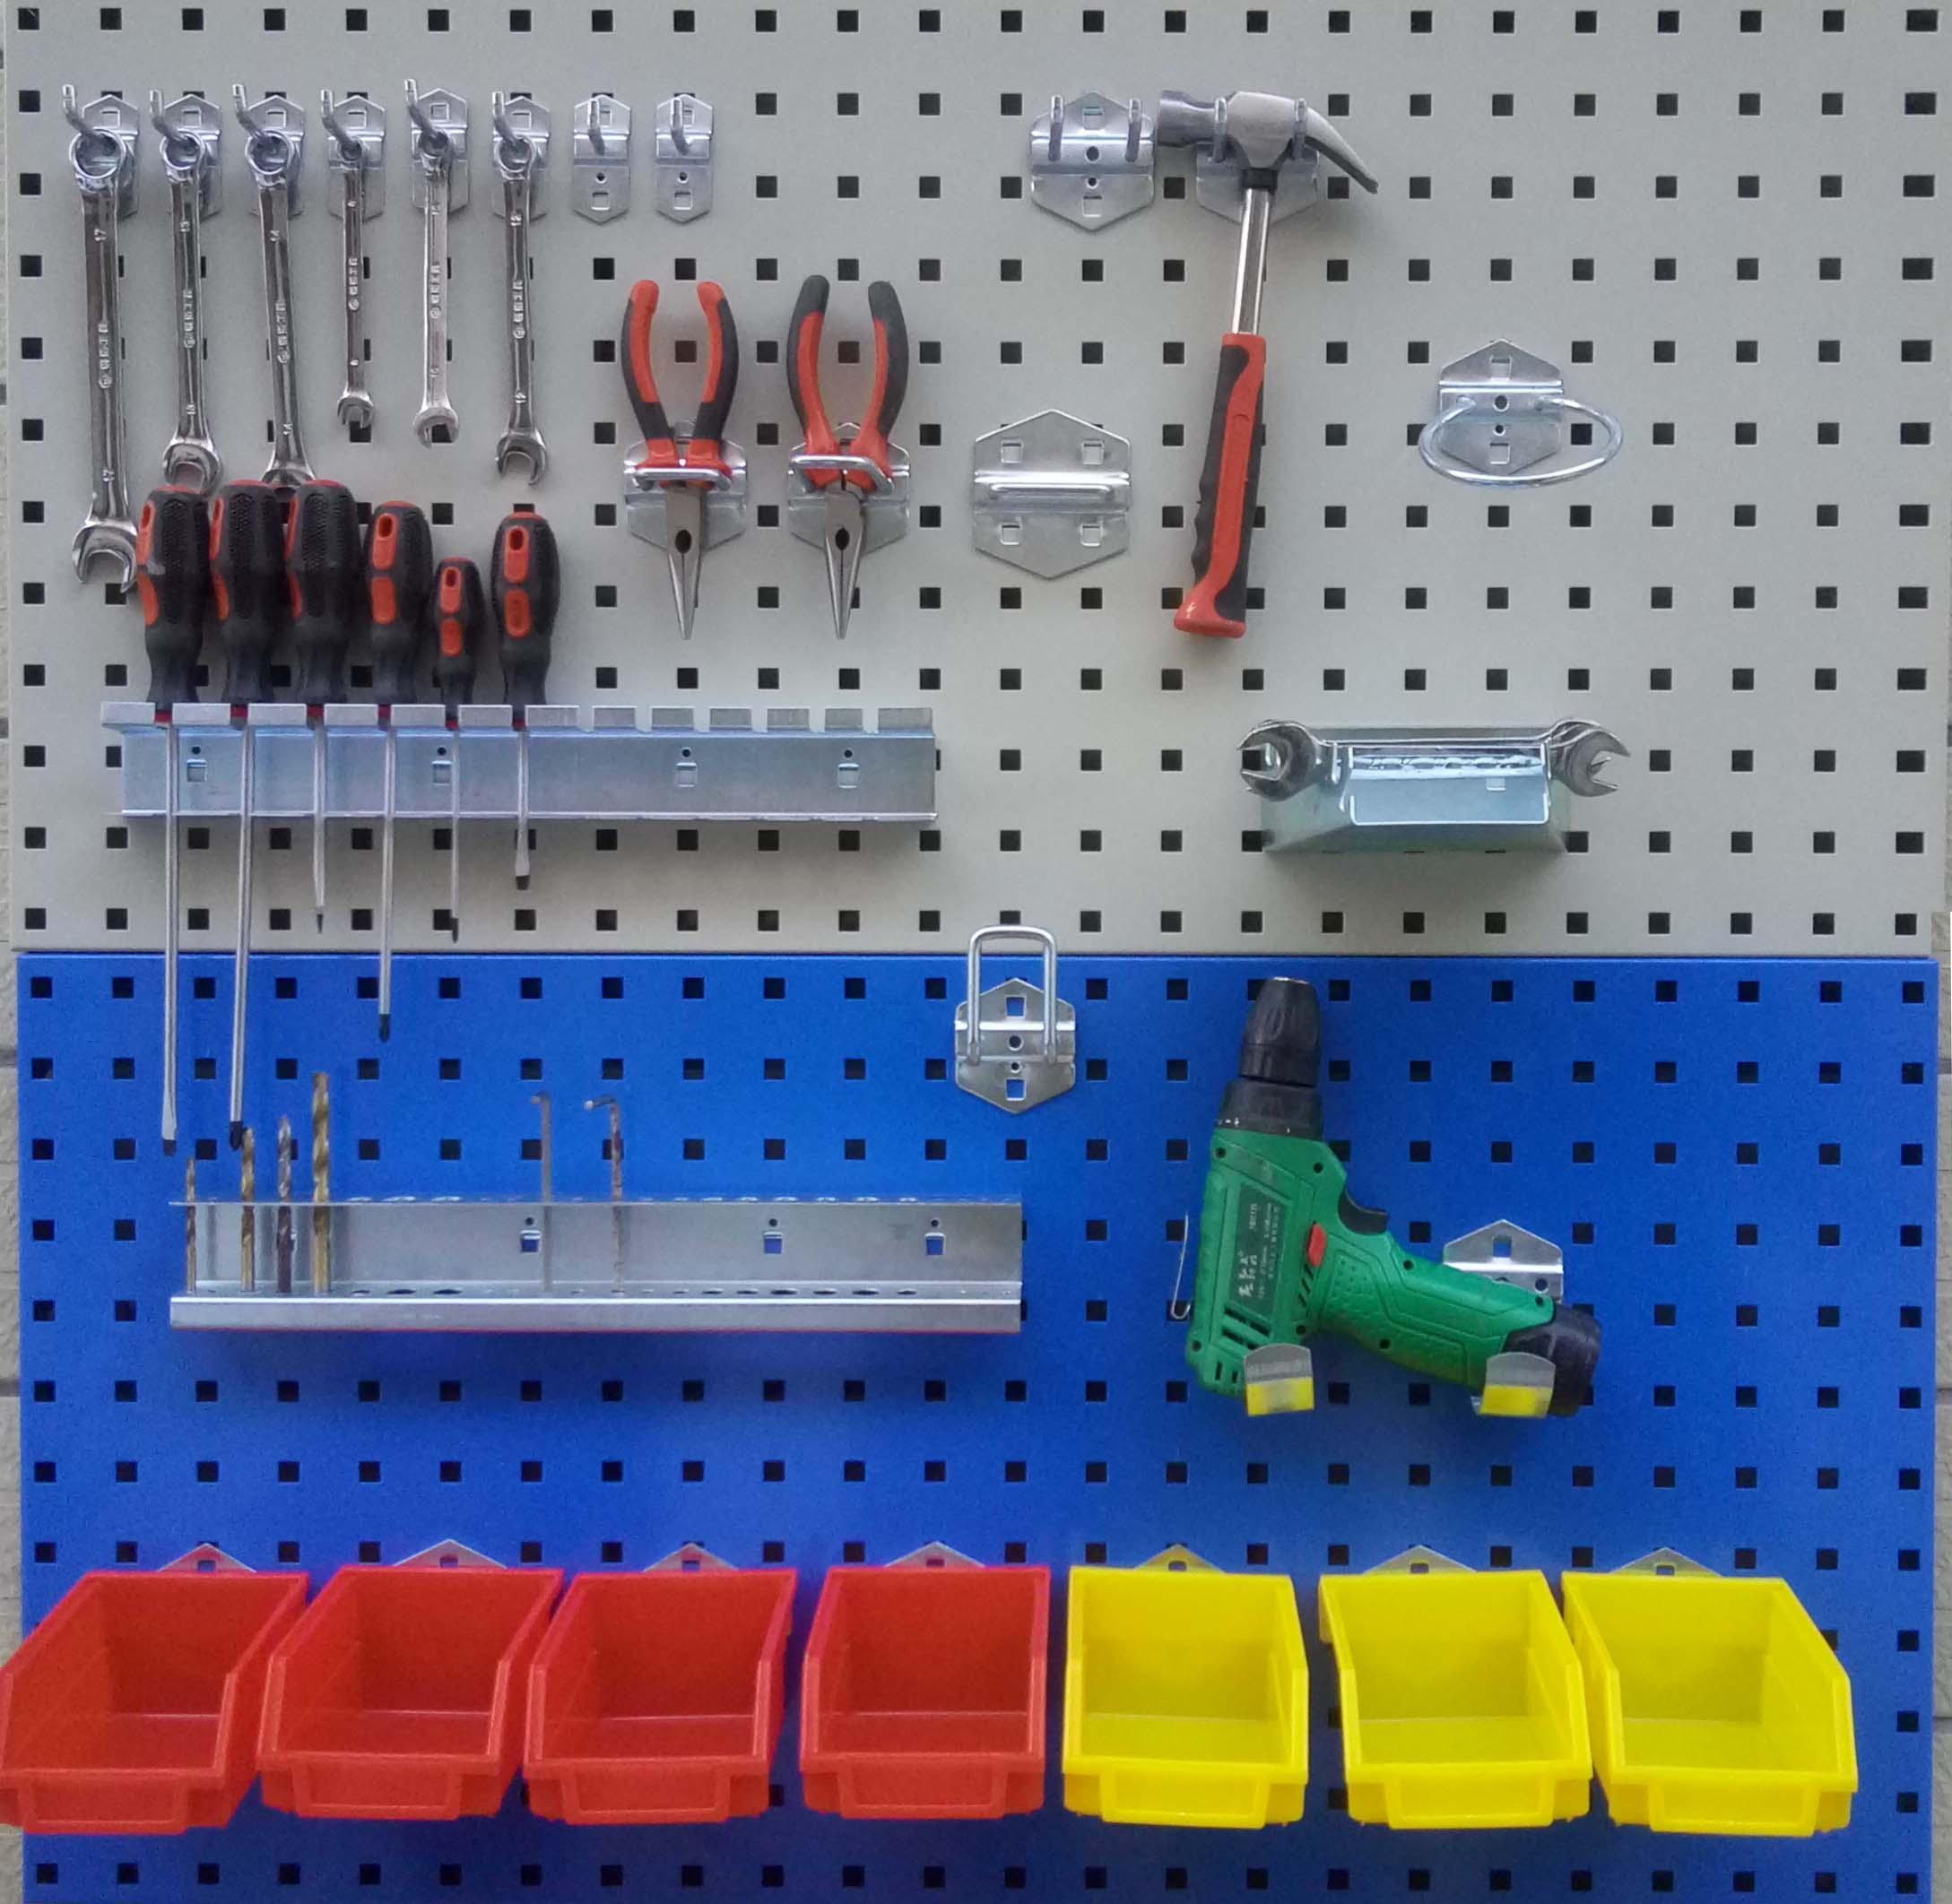 车间维修工具架工具墙挂板上墙货架挂钩五金产品展示架工具挂架